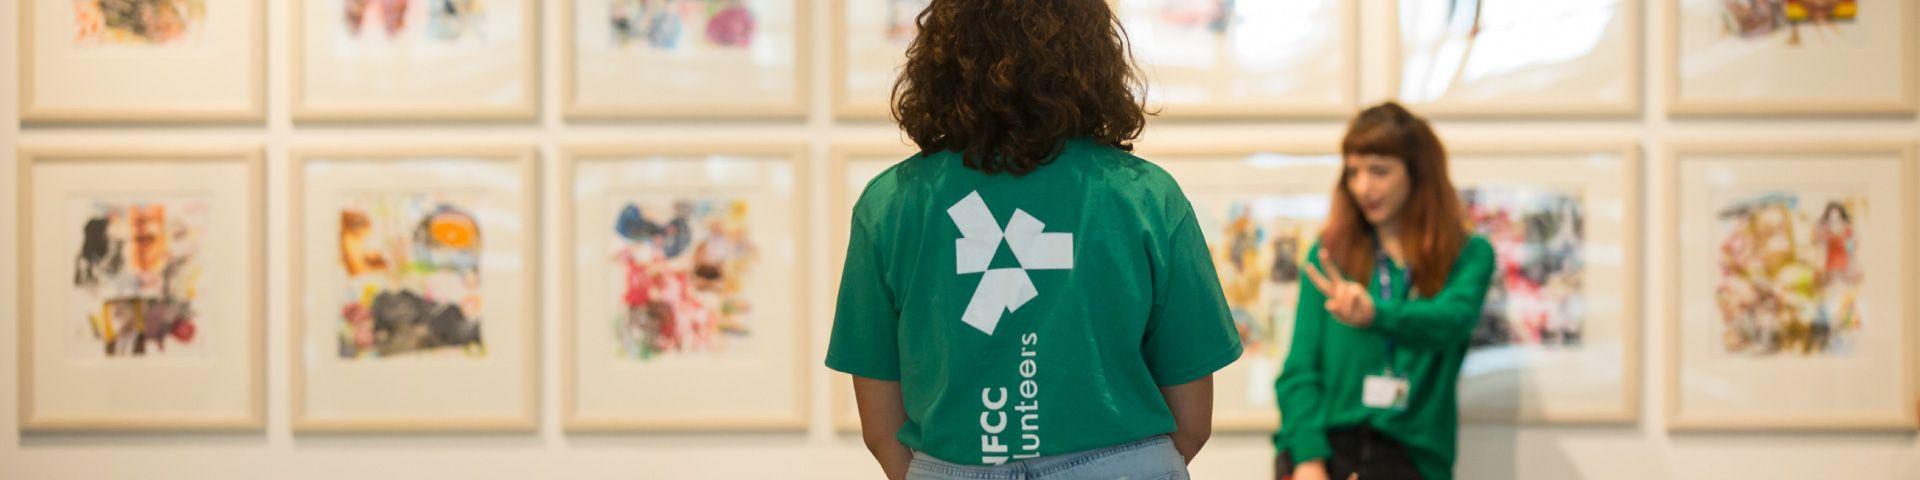 Πρόγραμμα Εθελοντισμού - Εικόνα